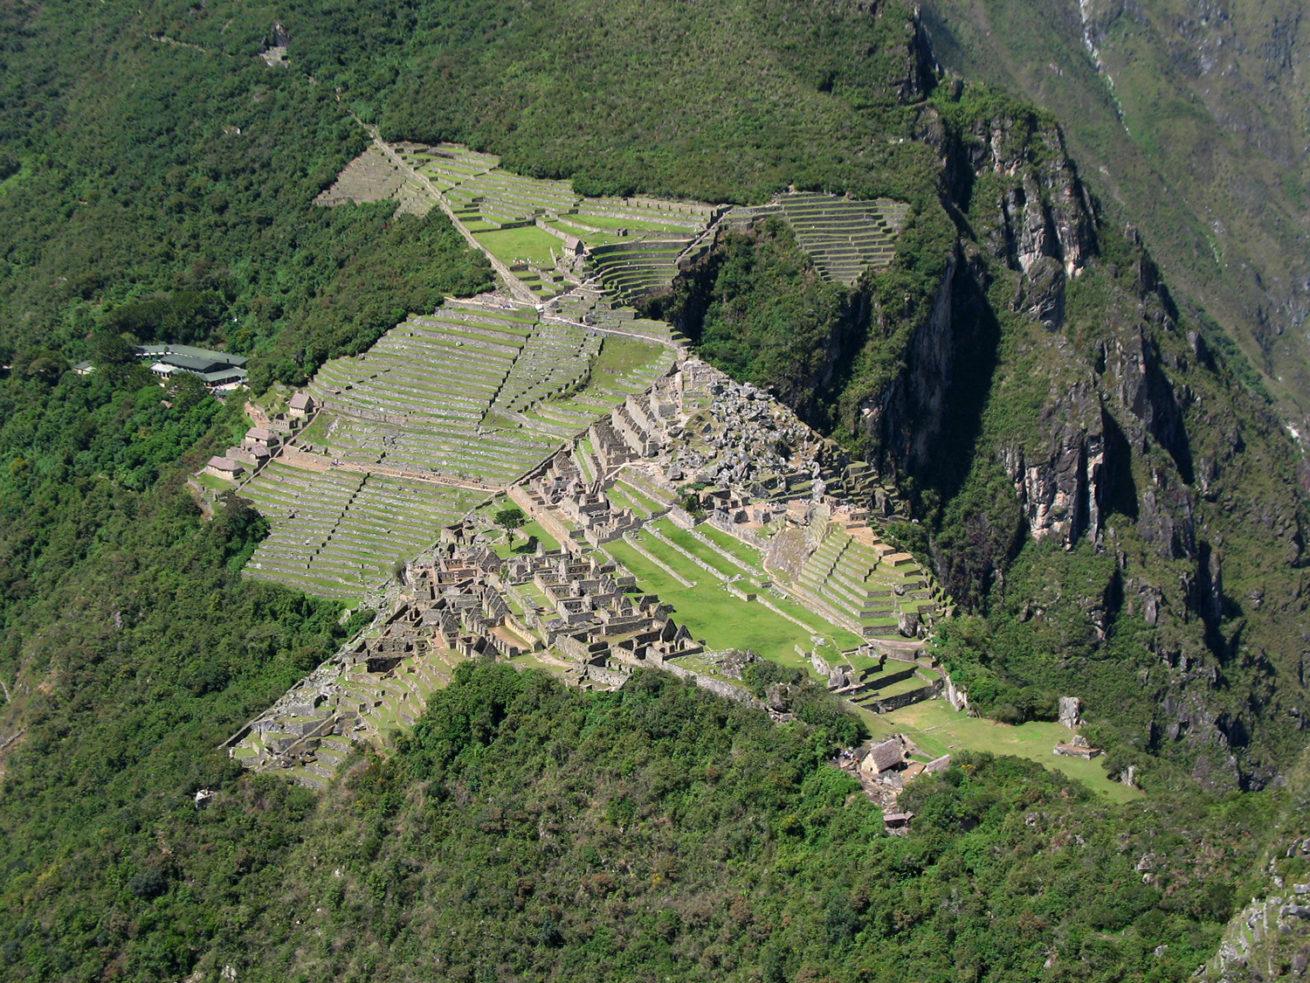 Machu Picchu's panoramic view from Huayna Picchu mountain (photo: Juan Carlos Gonzalez)